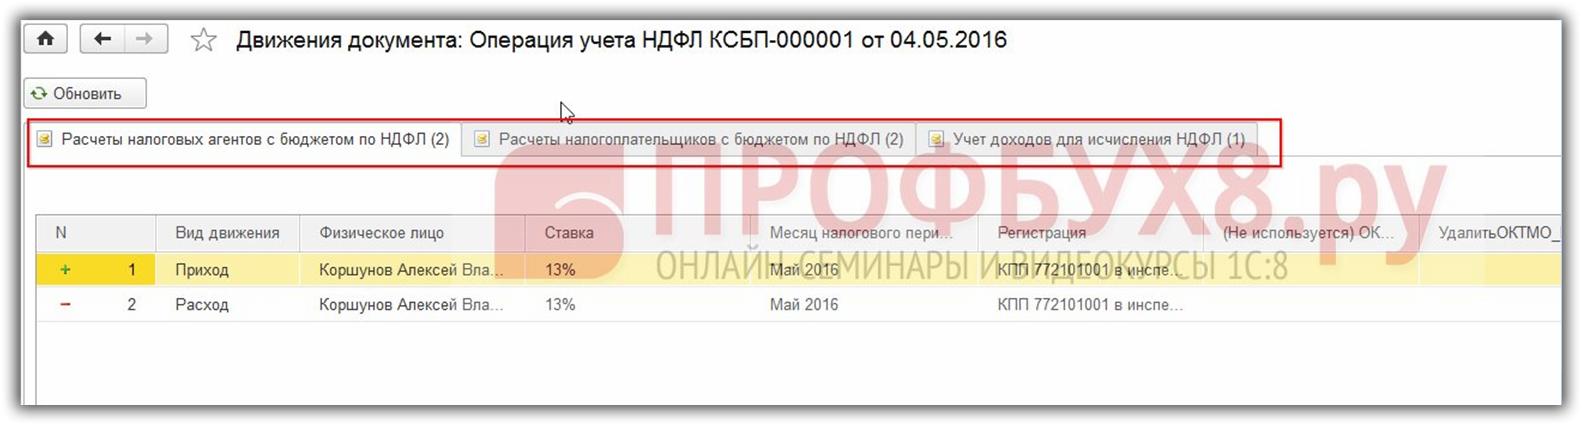 движения документа Операция учета НДФЛ в 1С